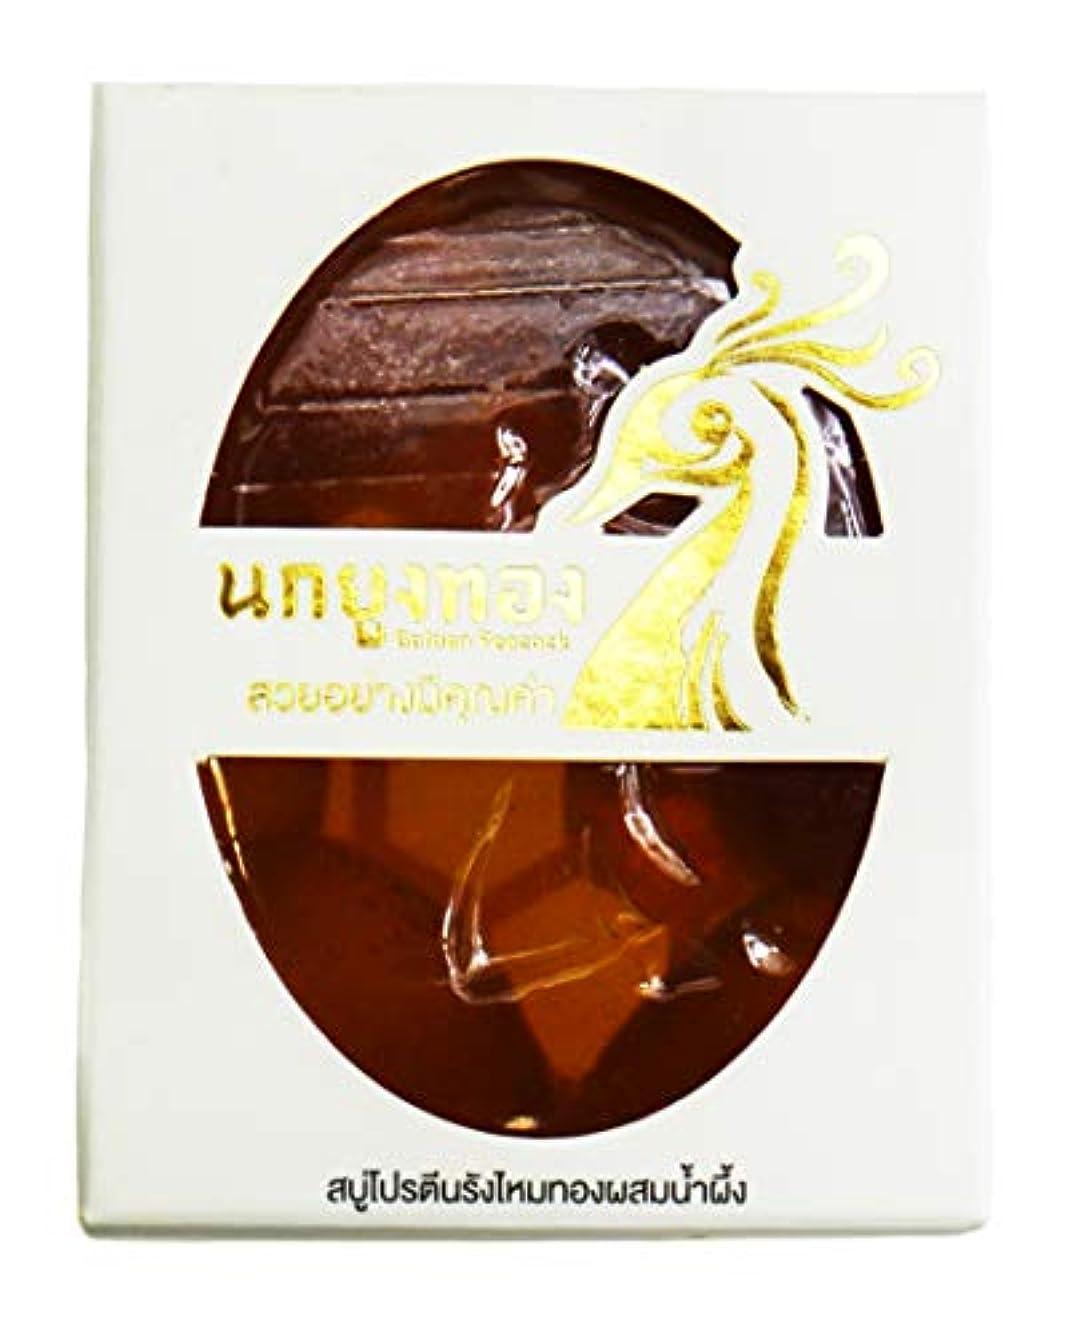 主スズメバチ信号まゆ玉蜂蜜石鹸 Thai Golden Cocoon Honey Soap 黄金繭玉入蜂蜜石鹸